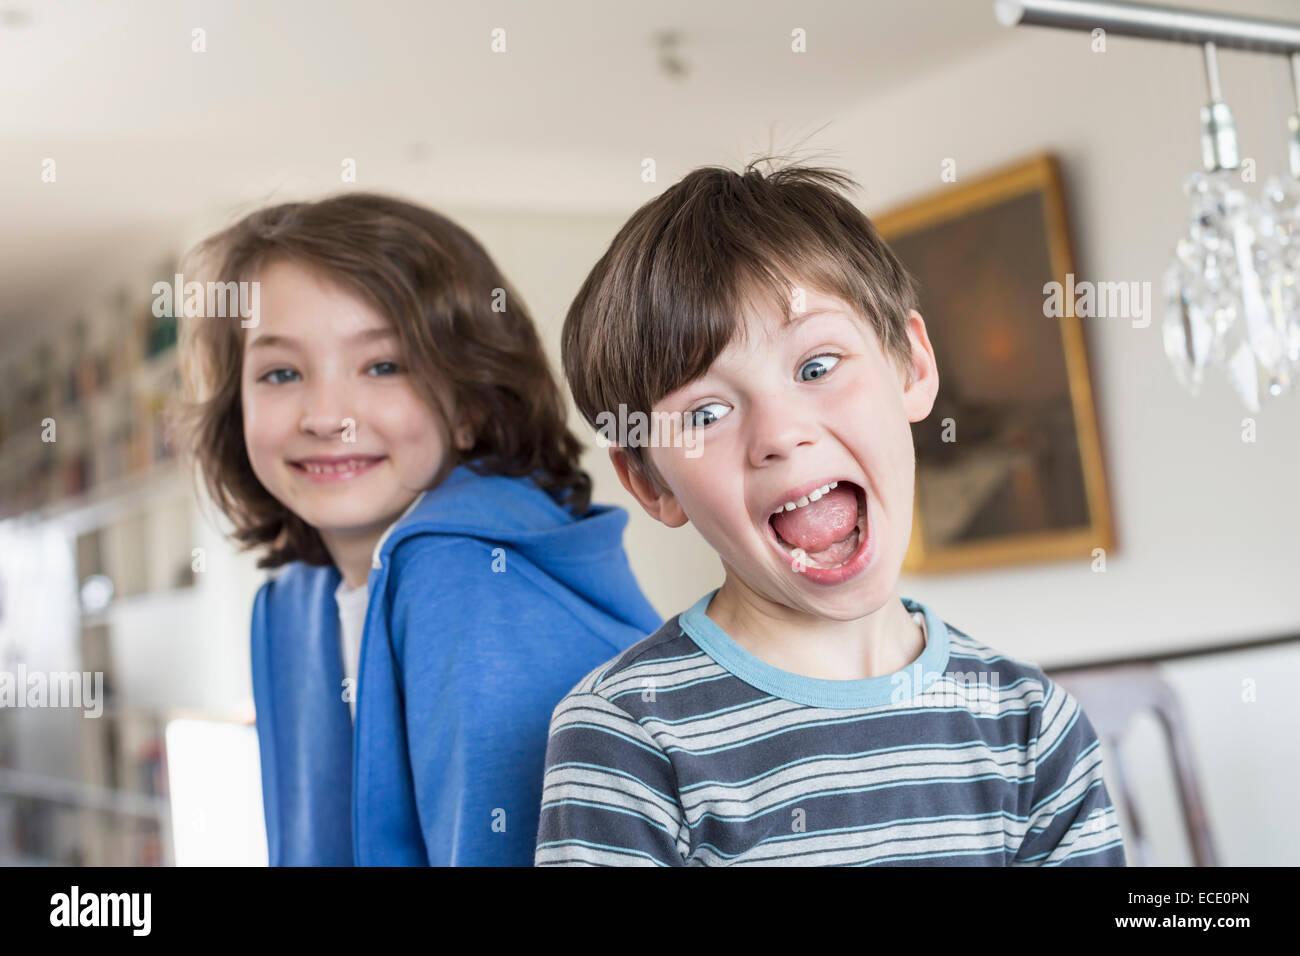 Niño haciendo muecas mientras chica en segundo plano. Imagen De Stock